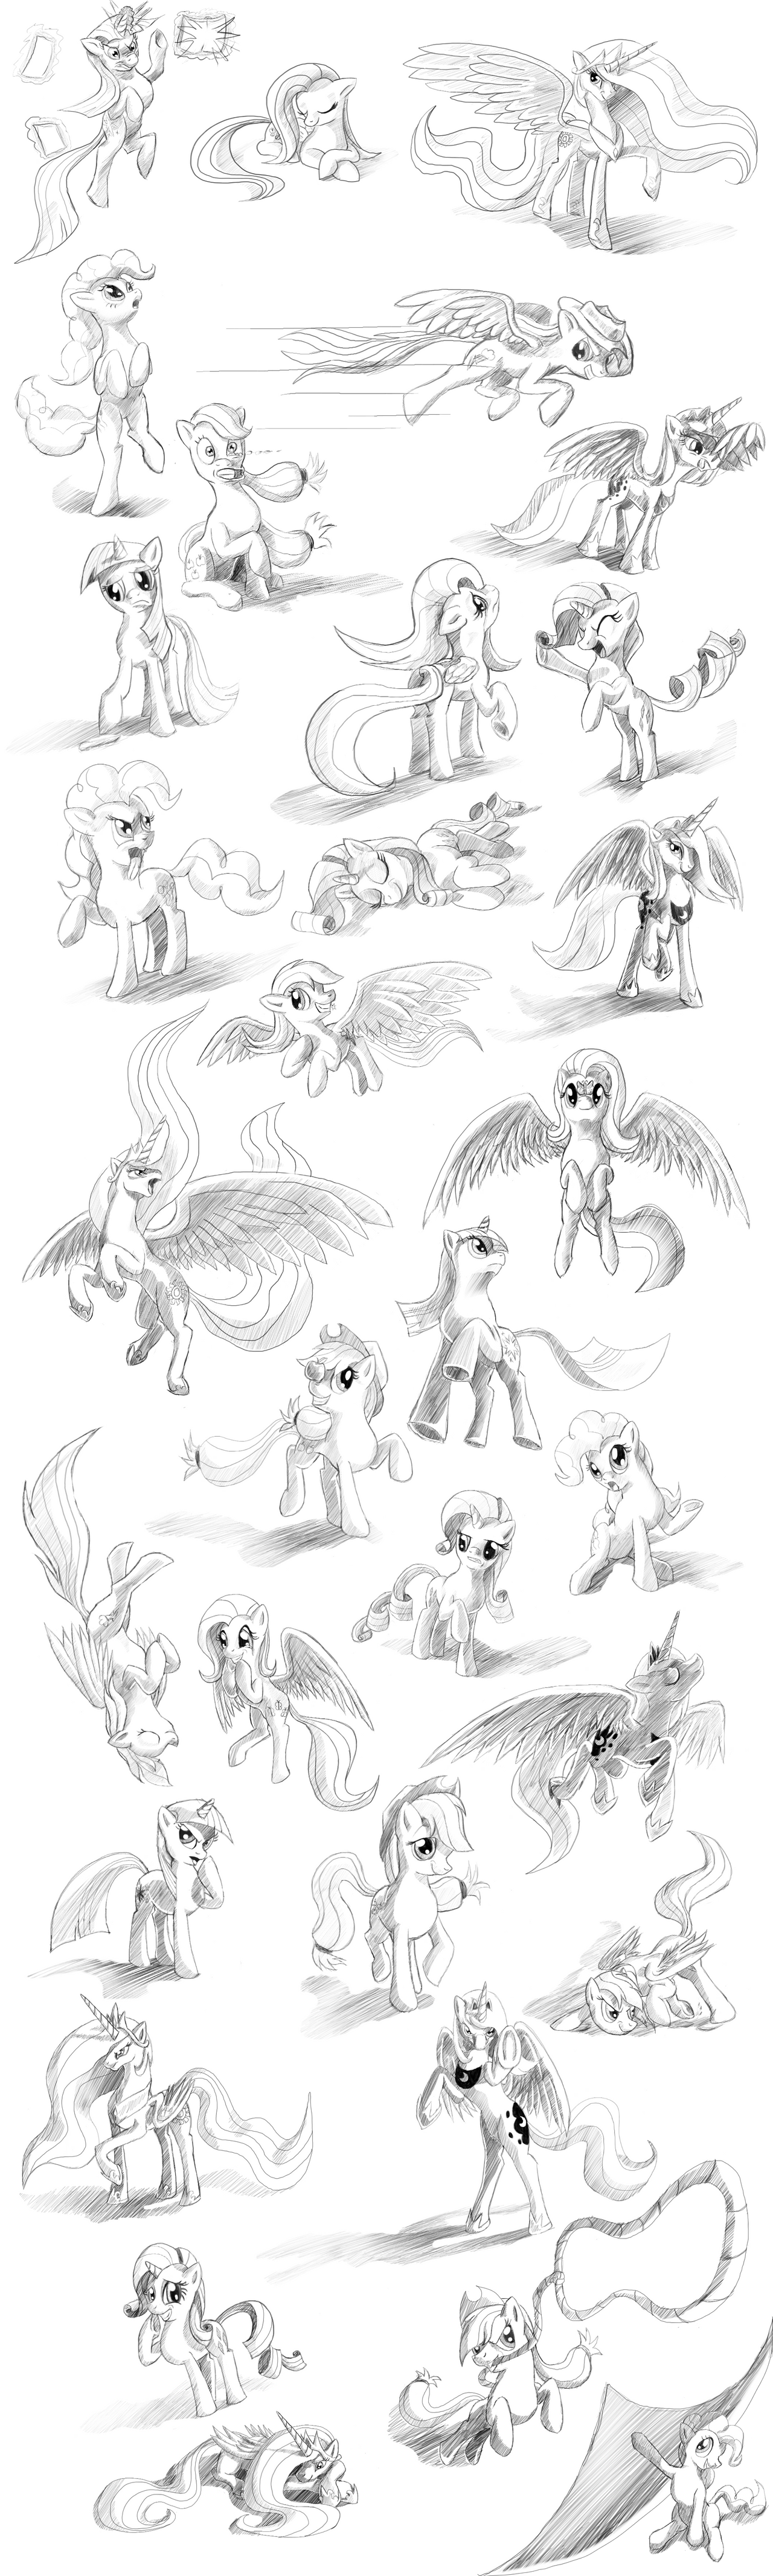 Huge Pony Sketch Dump by Tsitra360